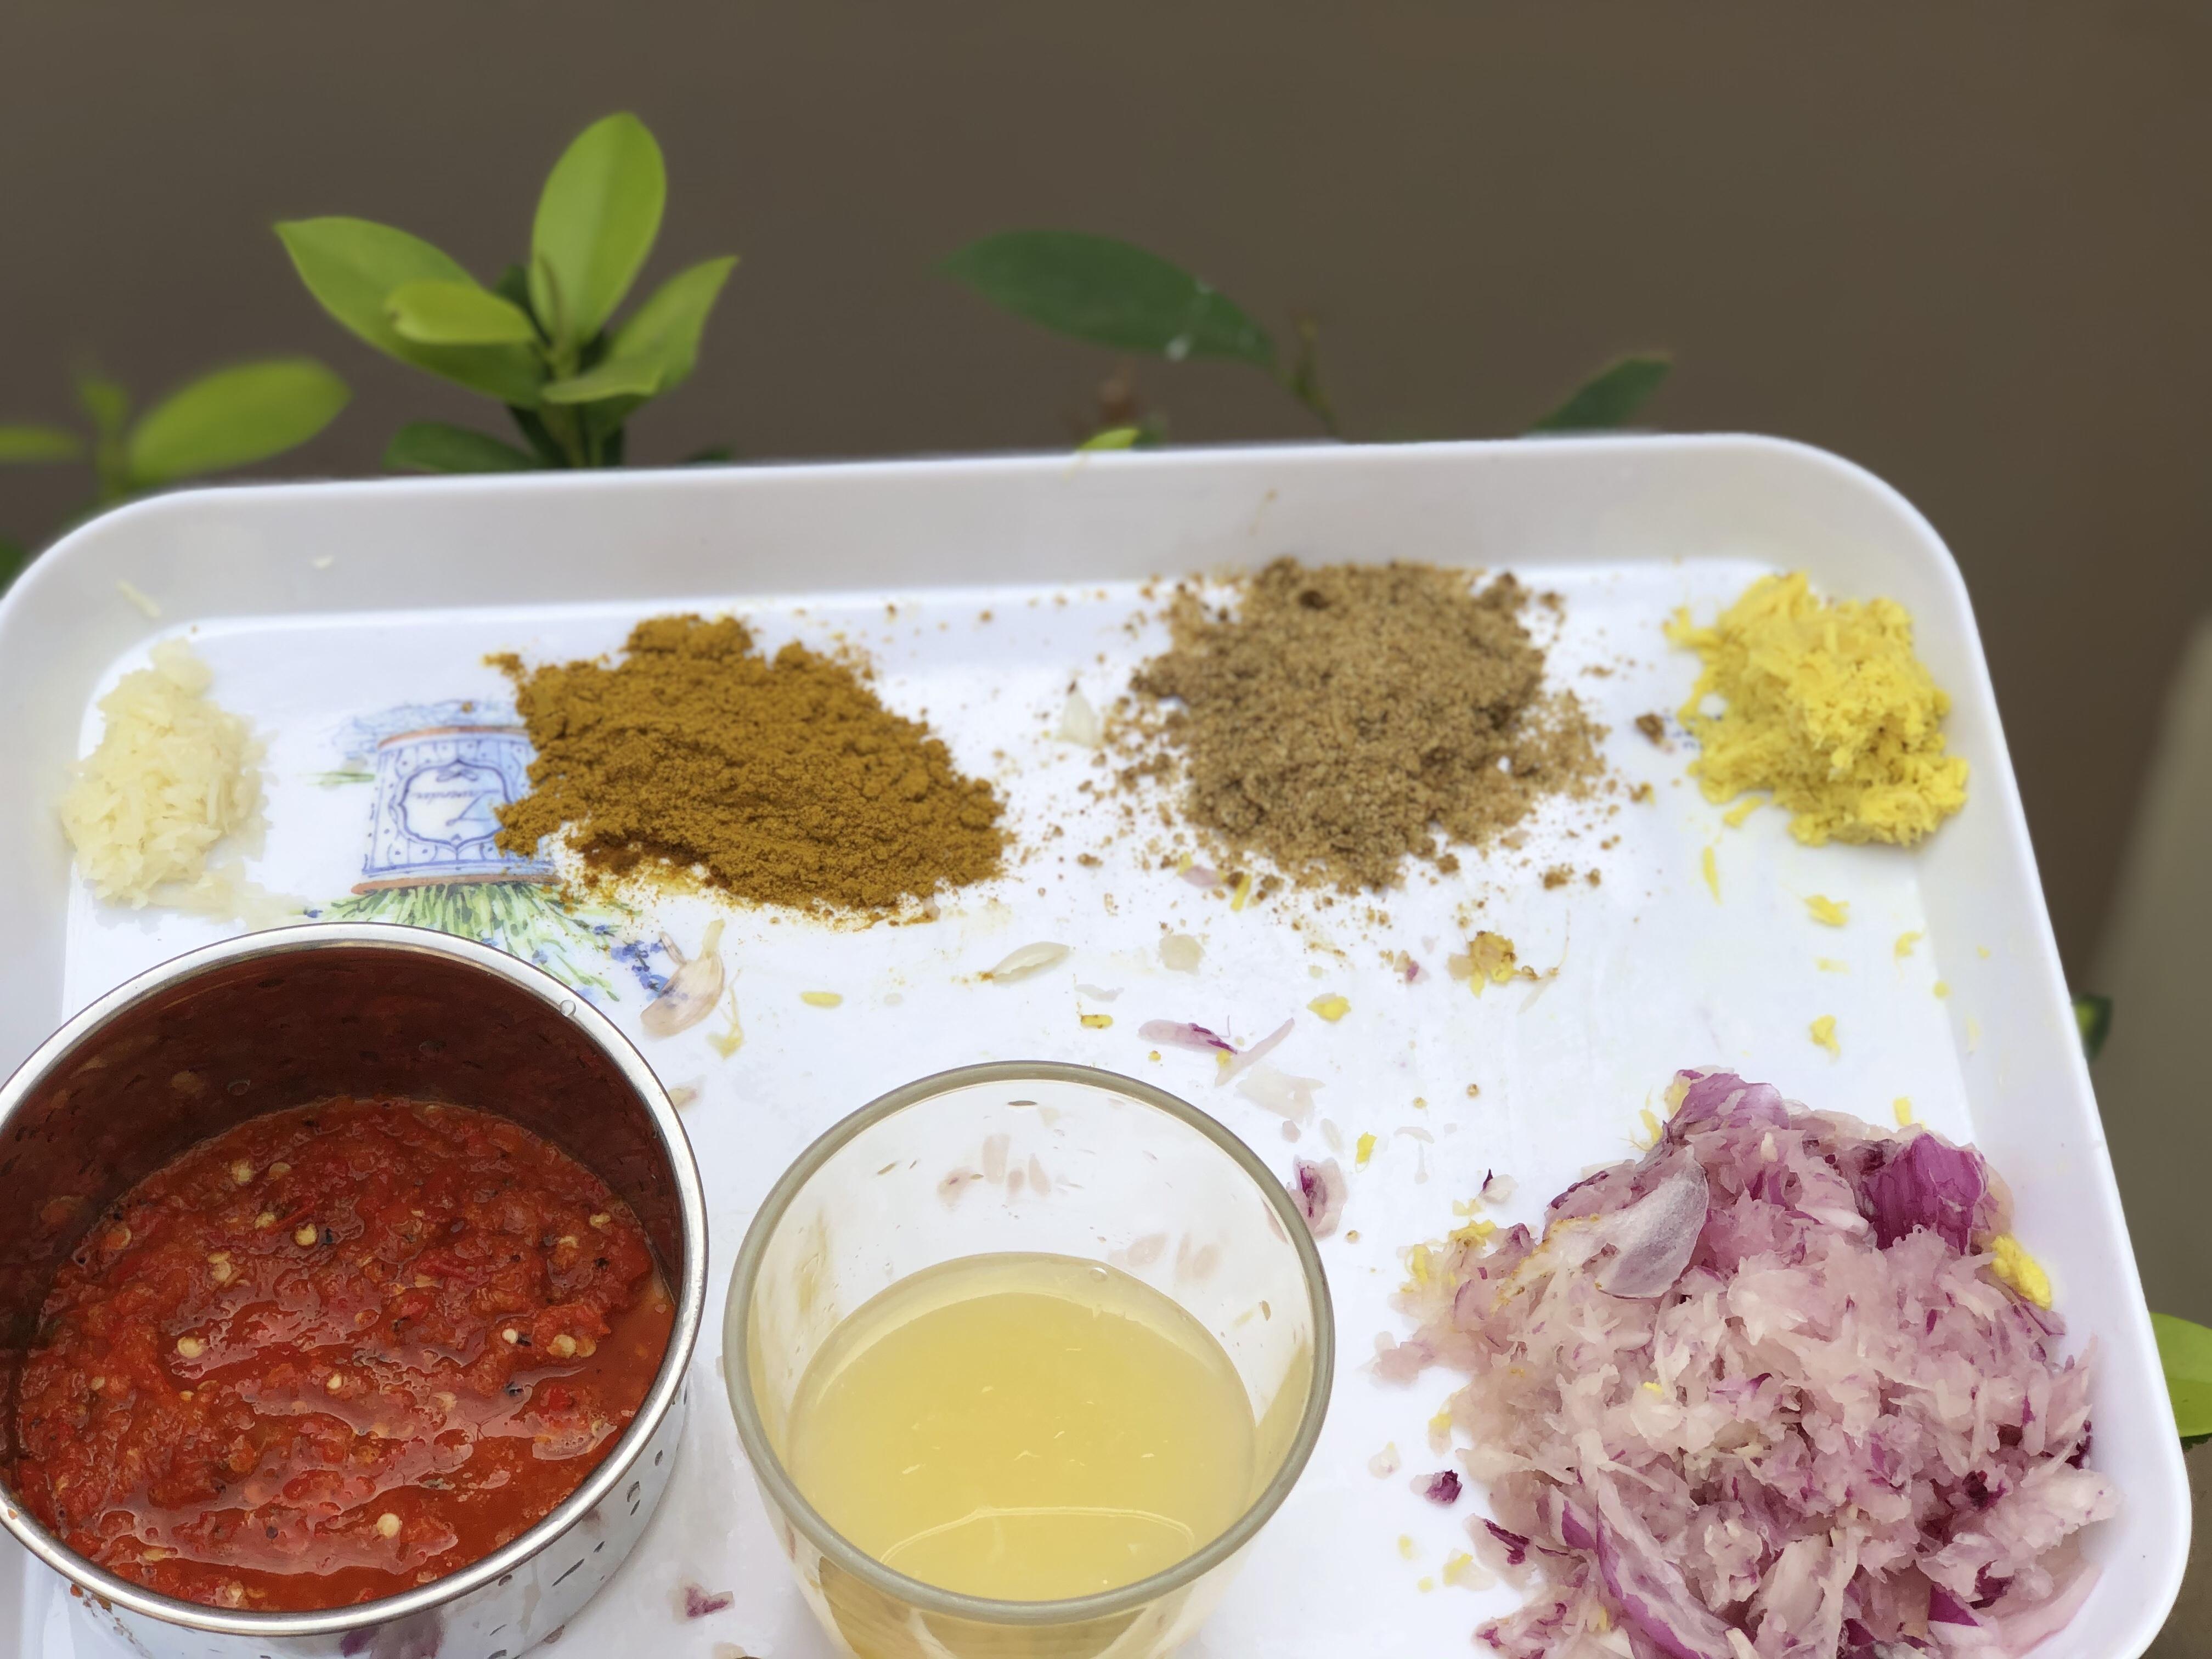 Ingredients for chicken marinate